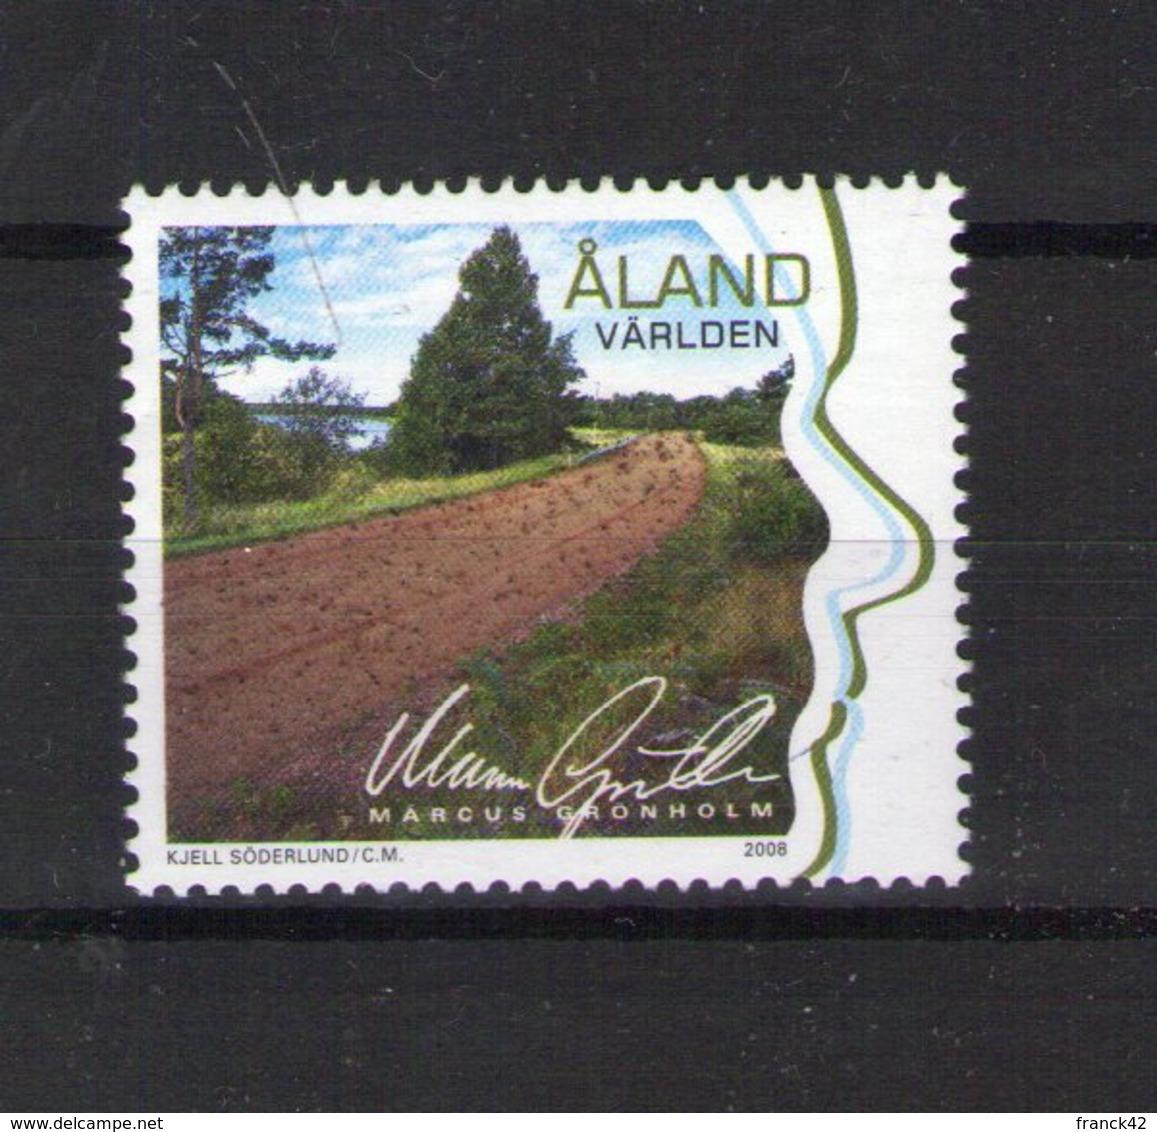 Aland. Mon Aland 2008 - Aland